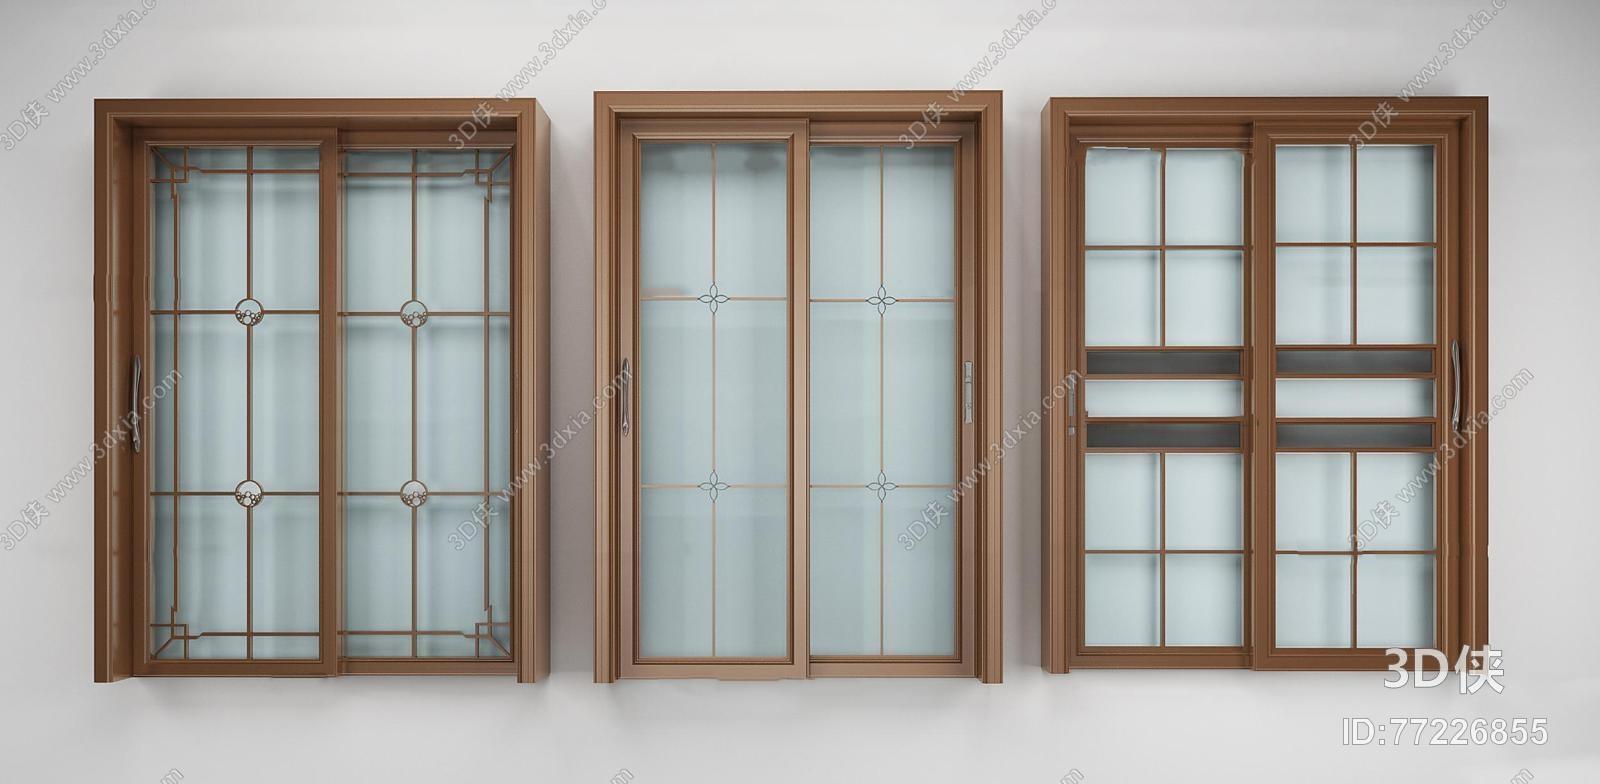 2014,建议使用3dmax 2012 软件打开,该现代风格门窗户图片素材大小是1